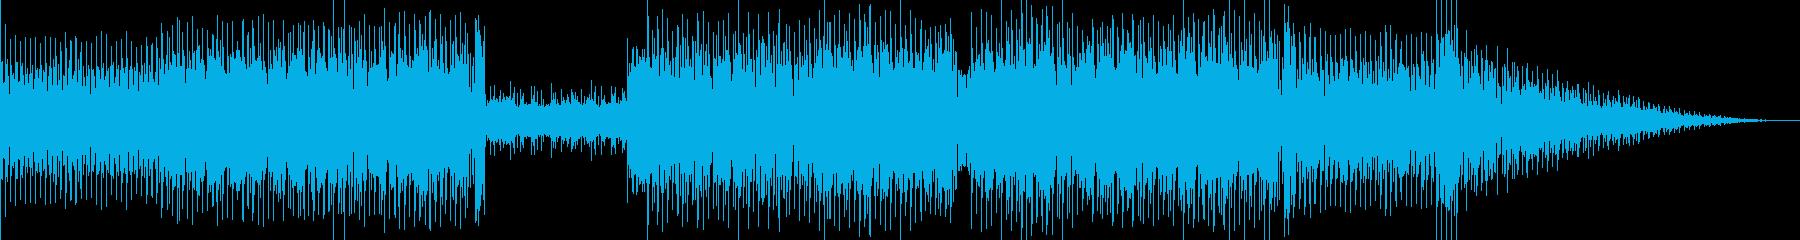 セミモジュラーテクノの再生済みの波形